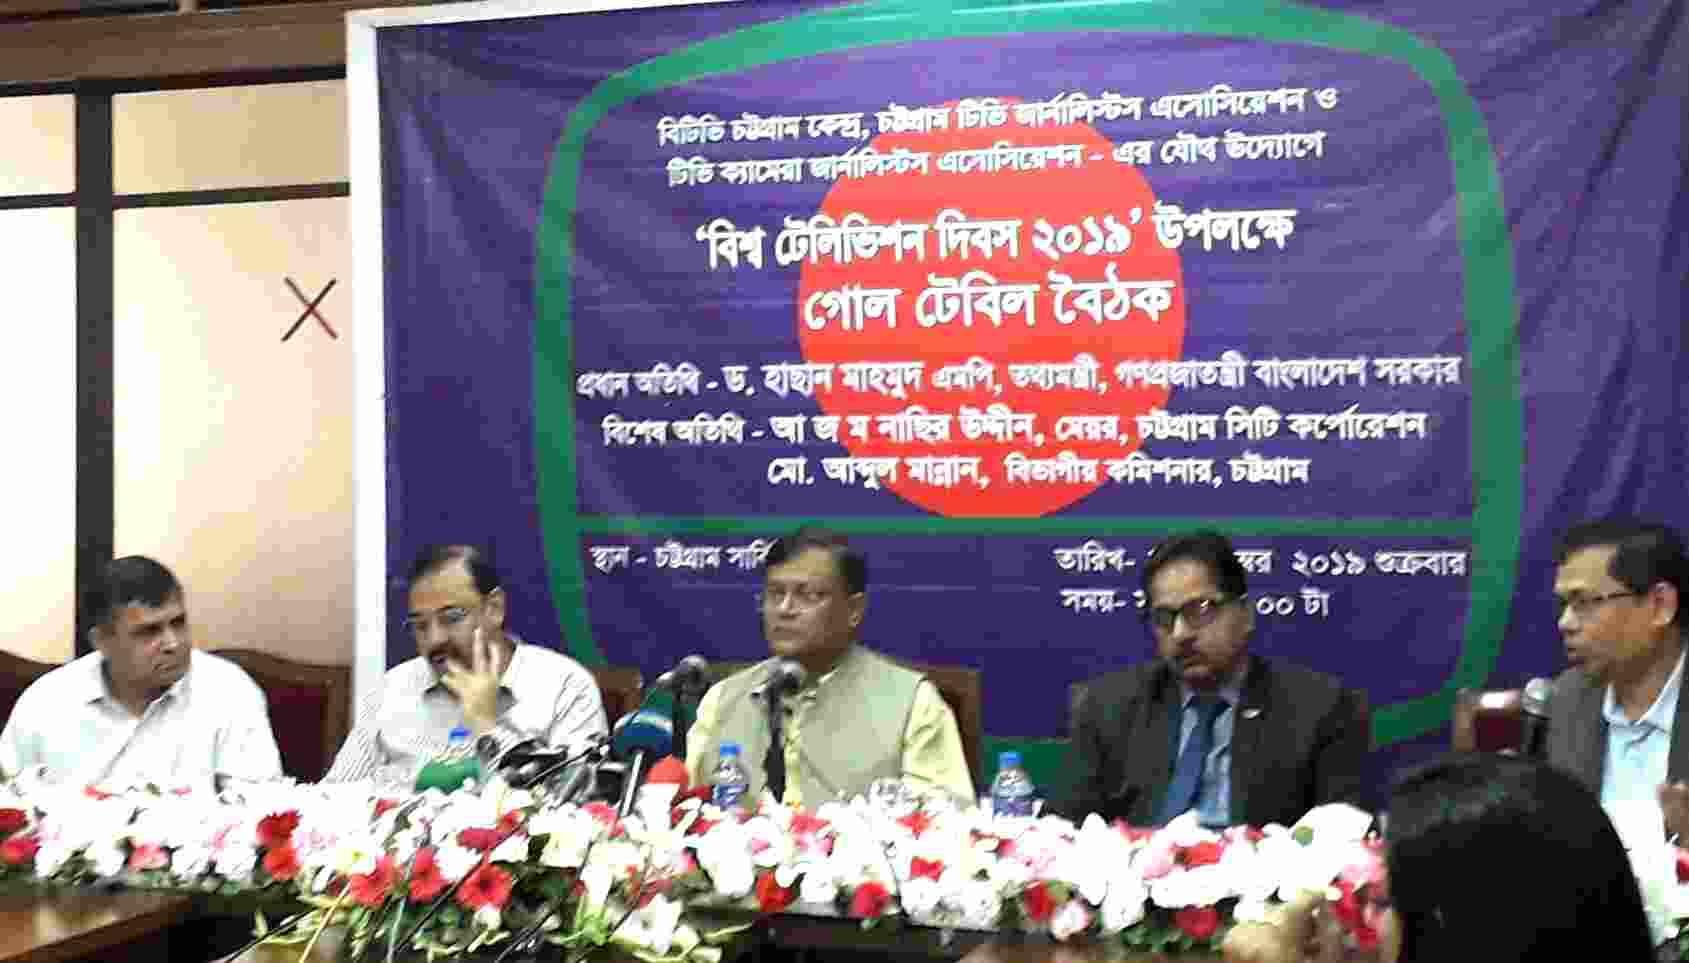 গুজব বন্ধে আইনের আওতায় আসছে 'ফেসবুক-ইউটিউব'